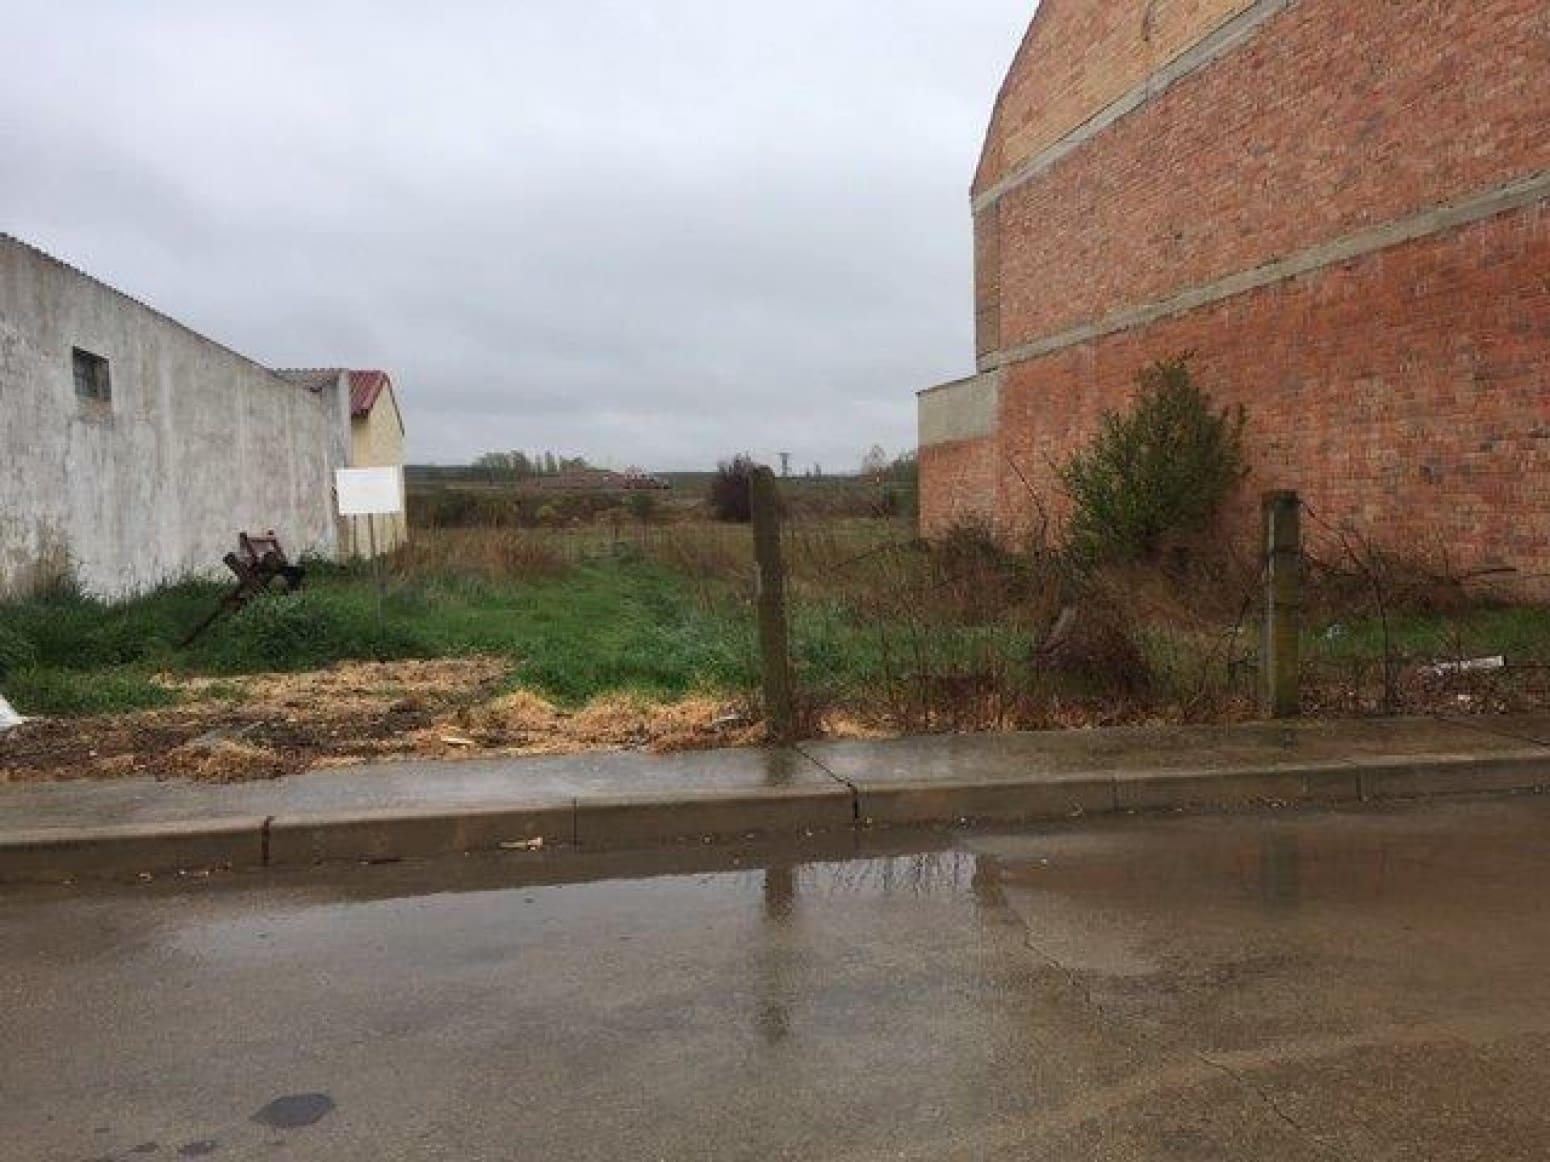 Terrain à Bâtir à vendre à Herrera de Pisuerga - 21 000 € (Ref: 4688241)